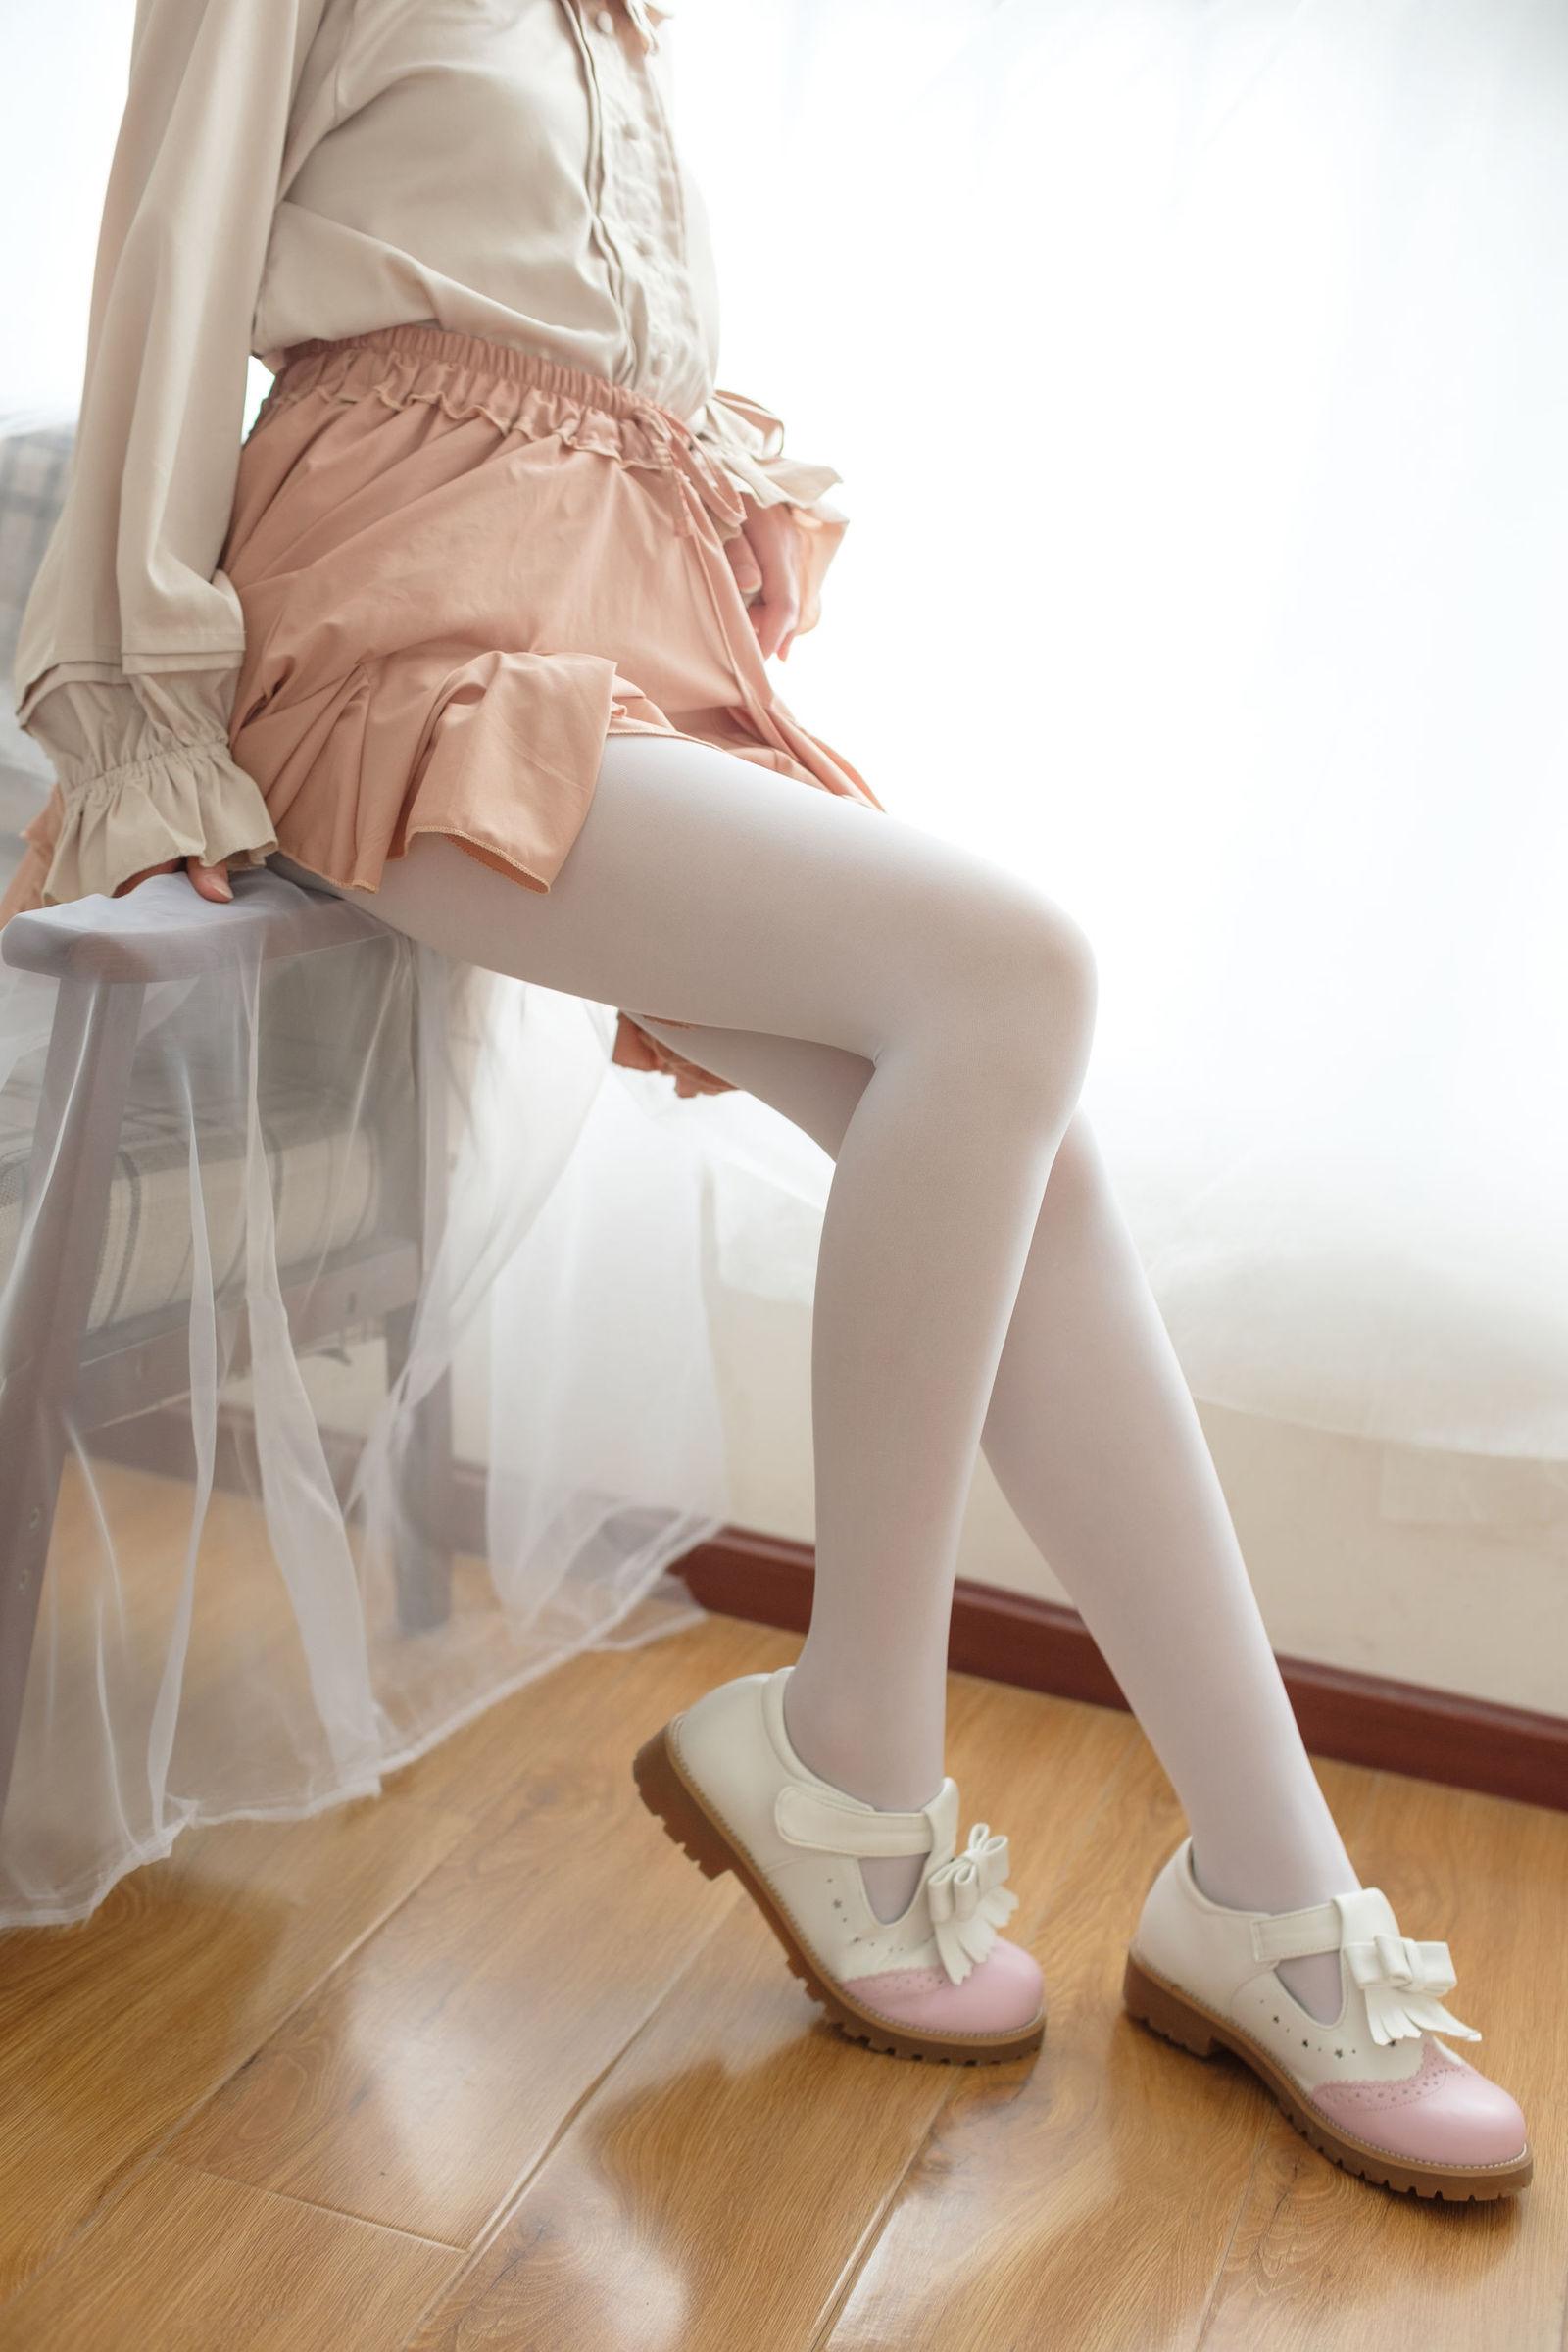 萝莉白丝---丝袜写真